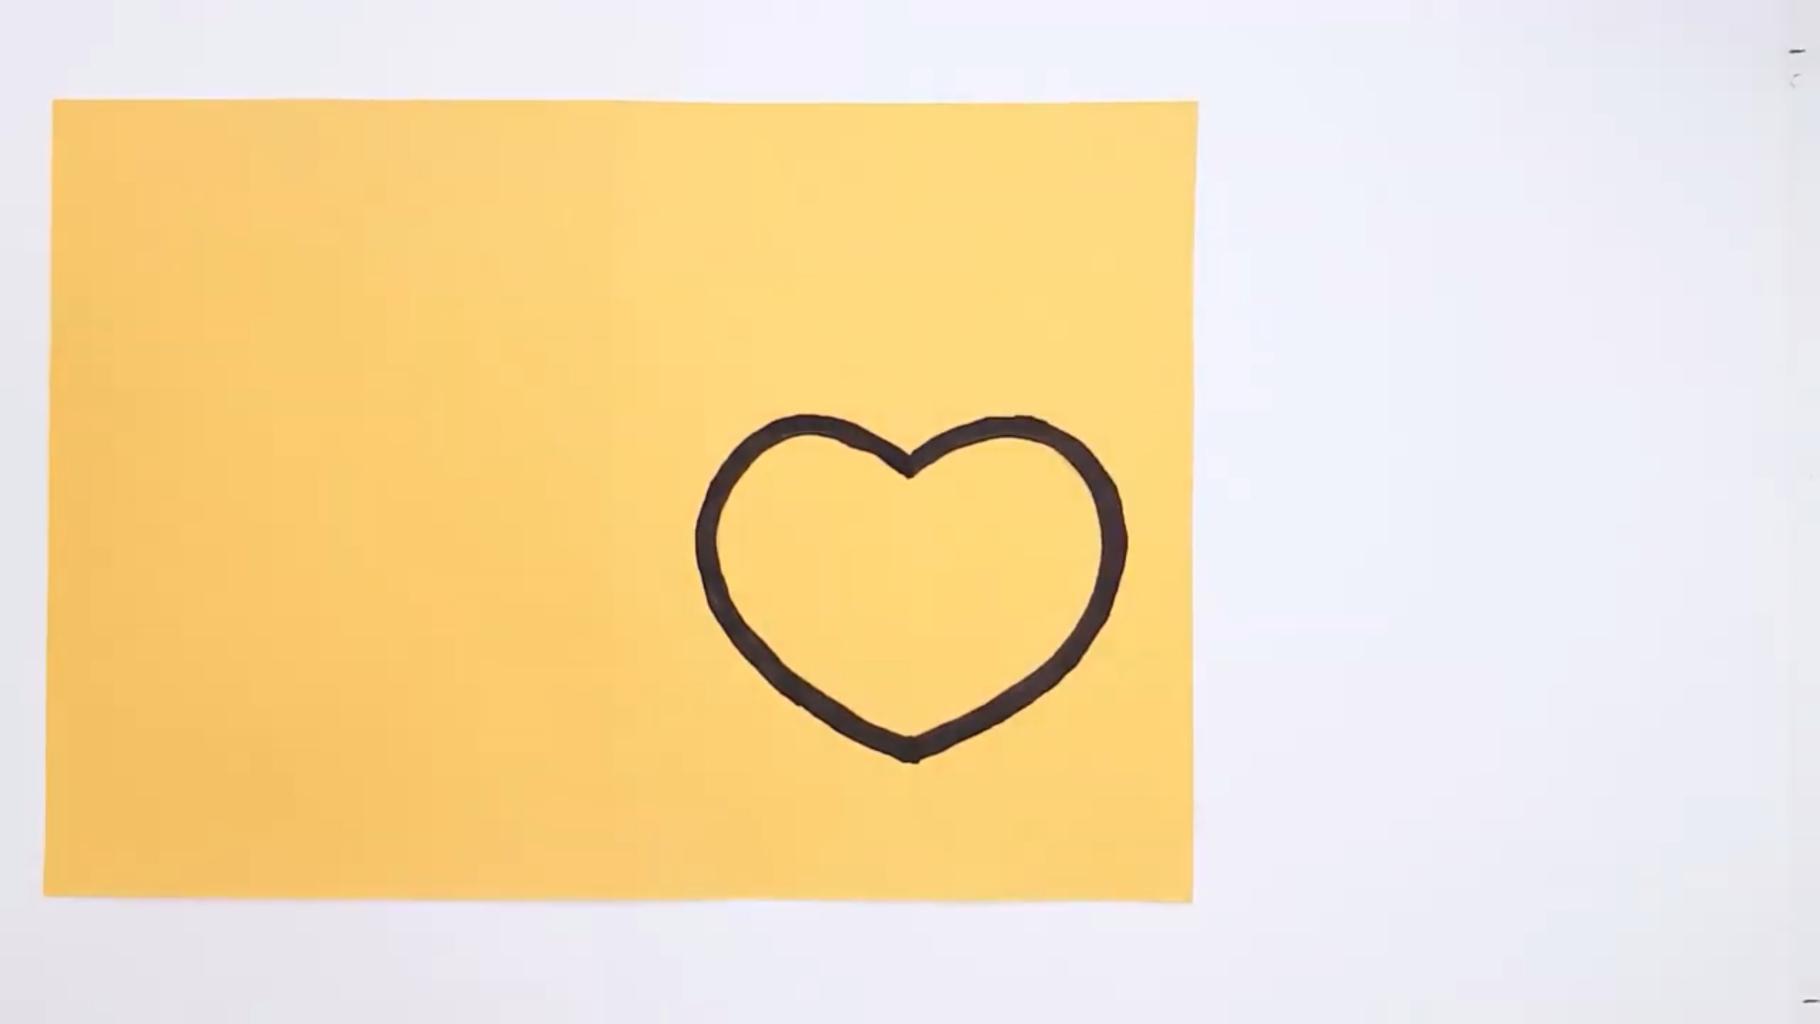 Thicken and Add Details | Vahvista Ja Lisää Yksityiskohdat